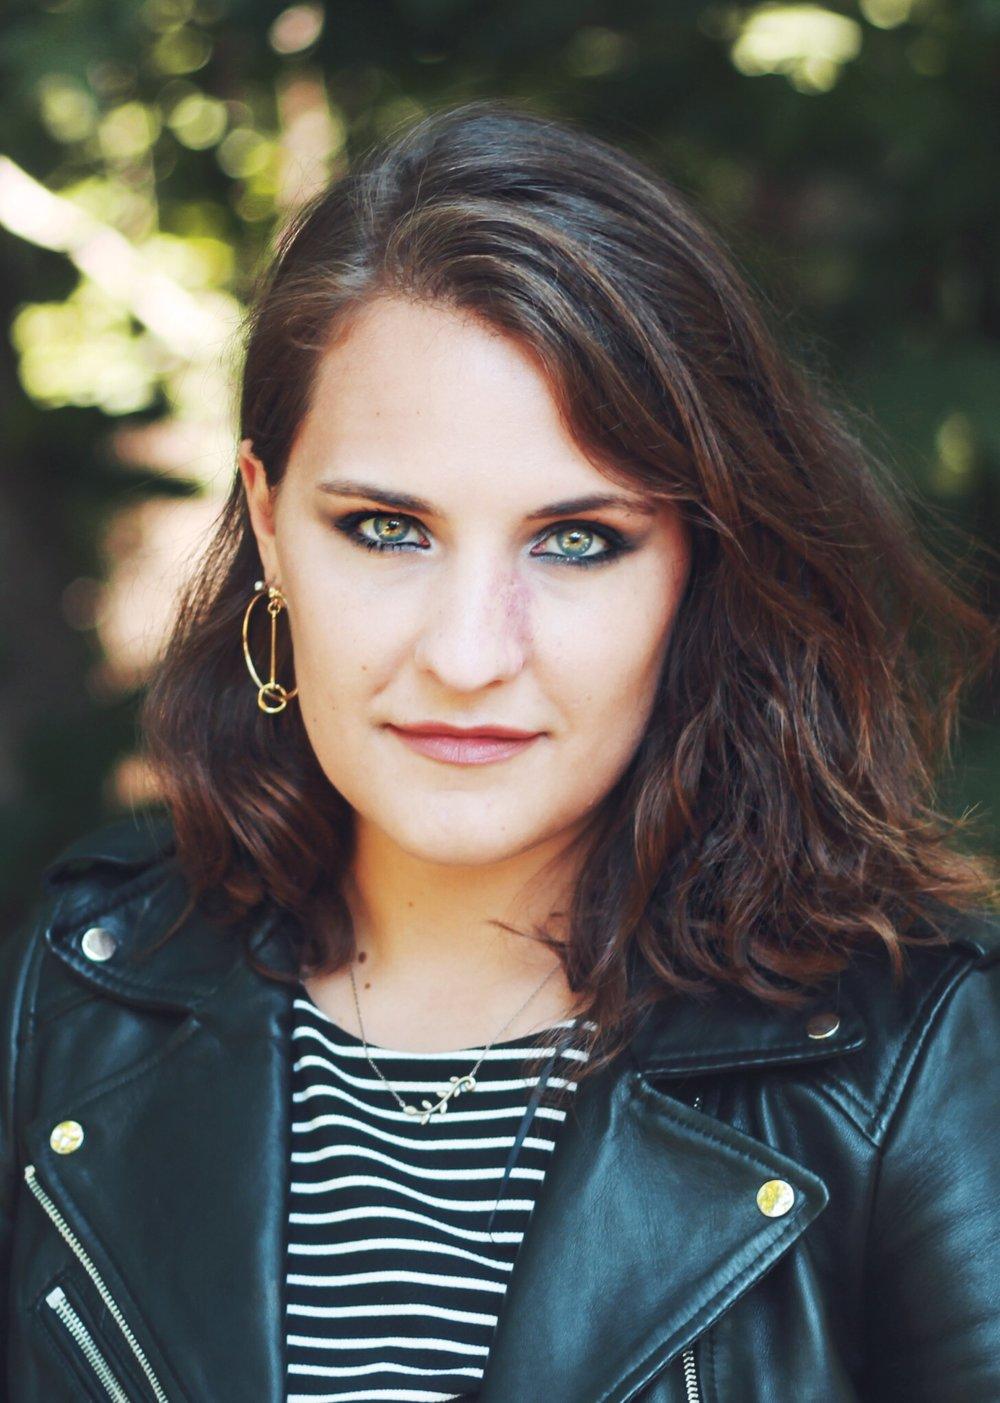 Sarah Nicole Lemon